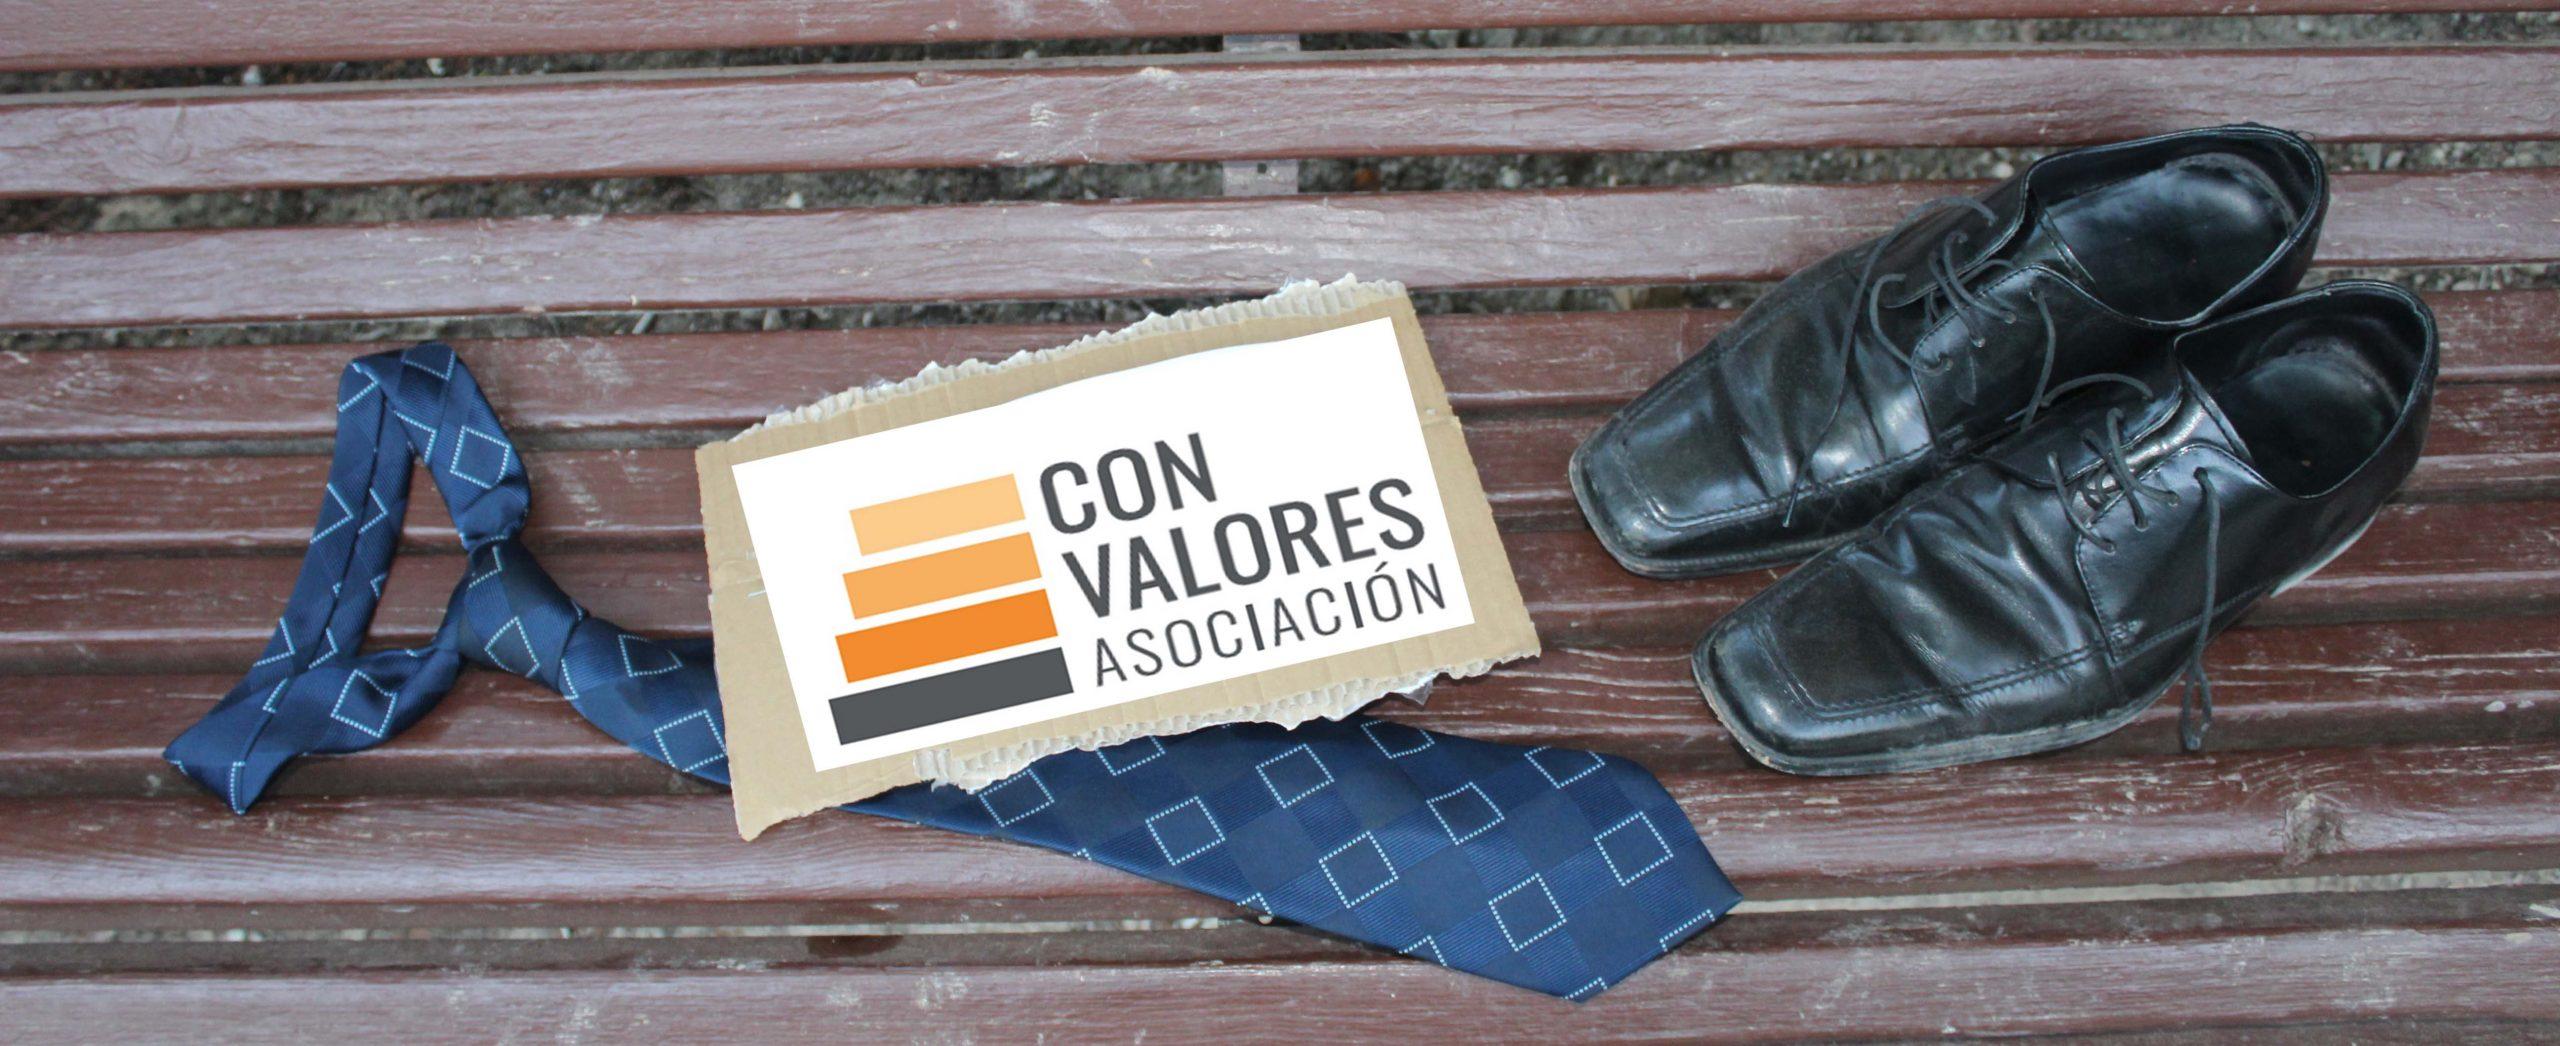 CON VALORES Asociación